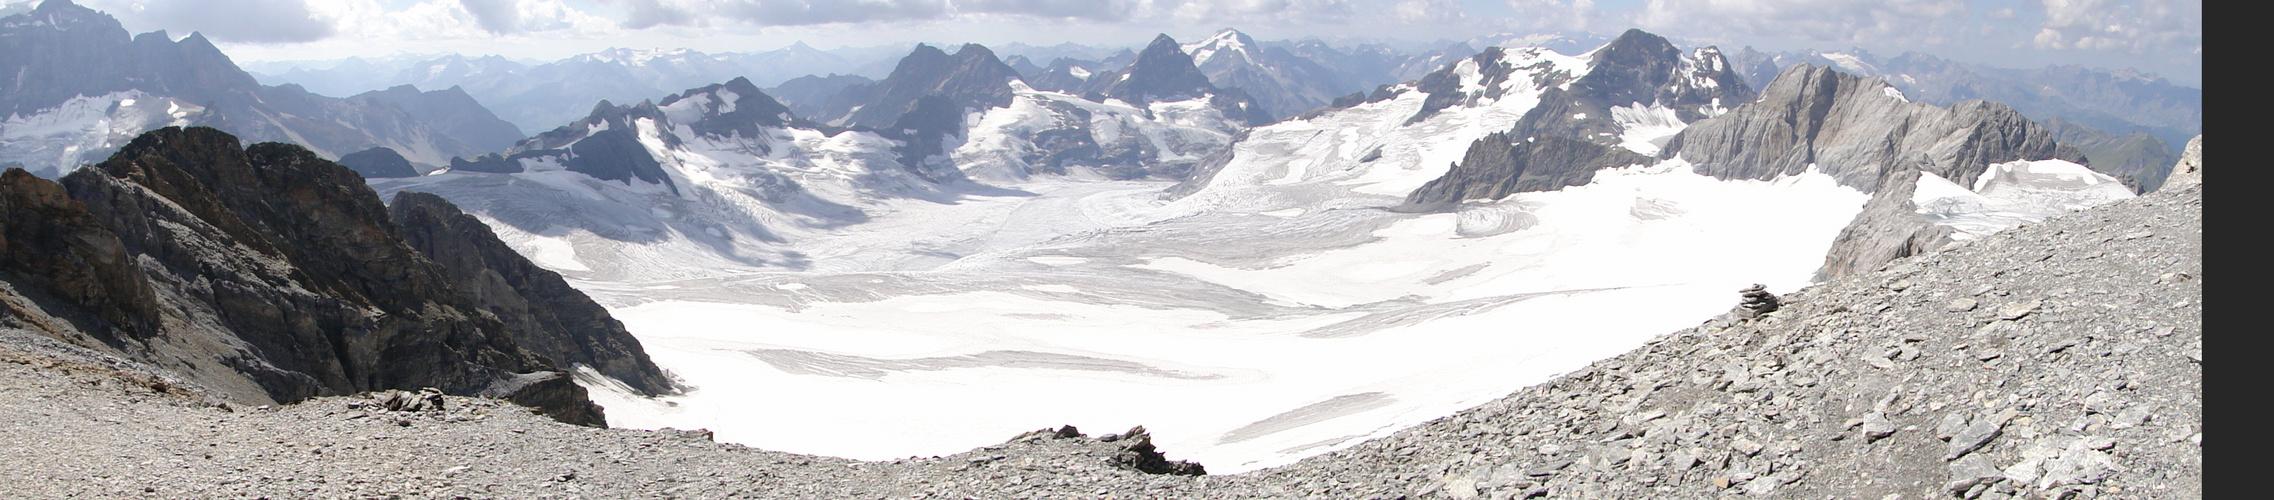 Hüfifirn Panorama